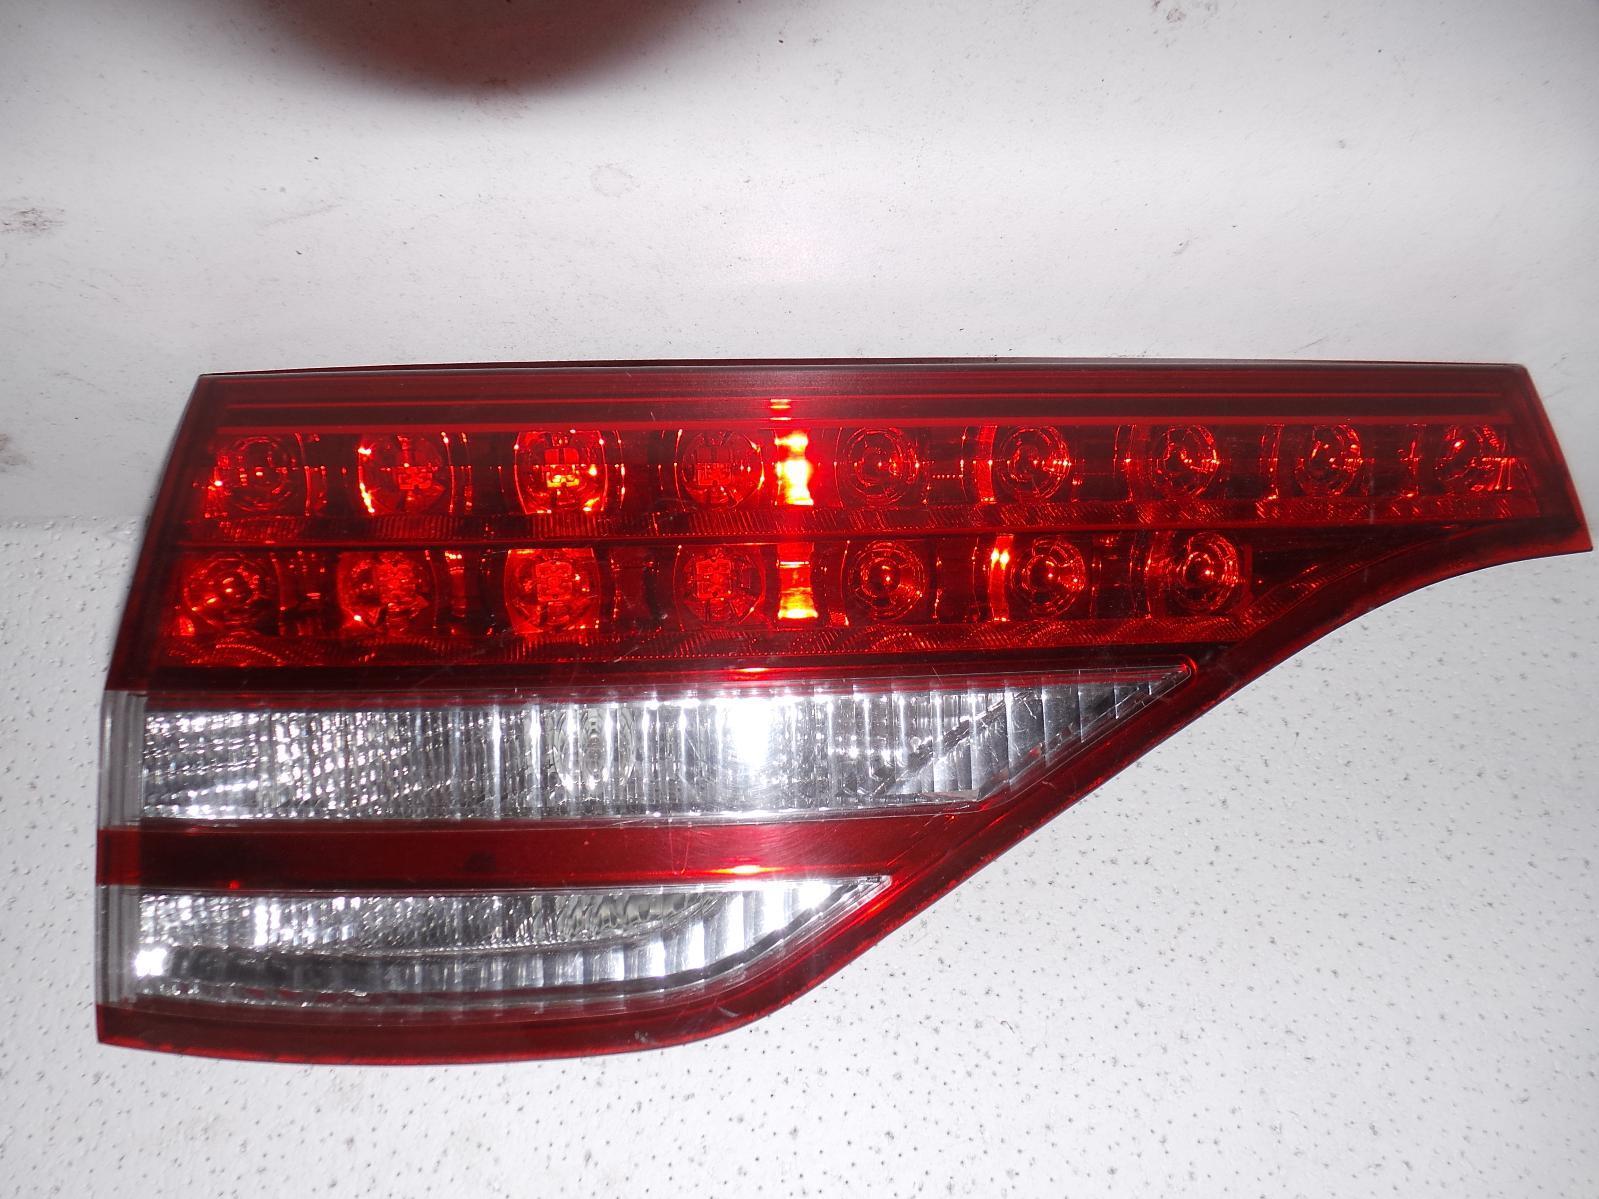 TOYOTA TARAGO, Rear Garnish, TAILGATE LAMP (LH SIDE), ACR50R, 03/06-12/08